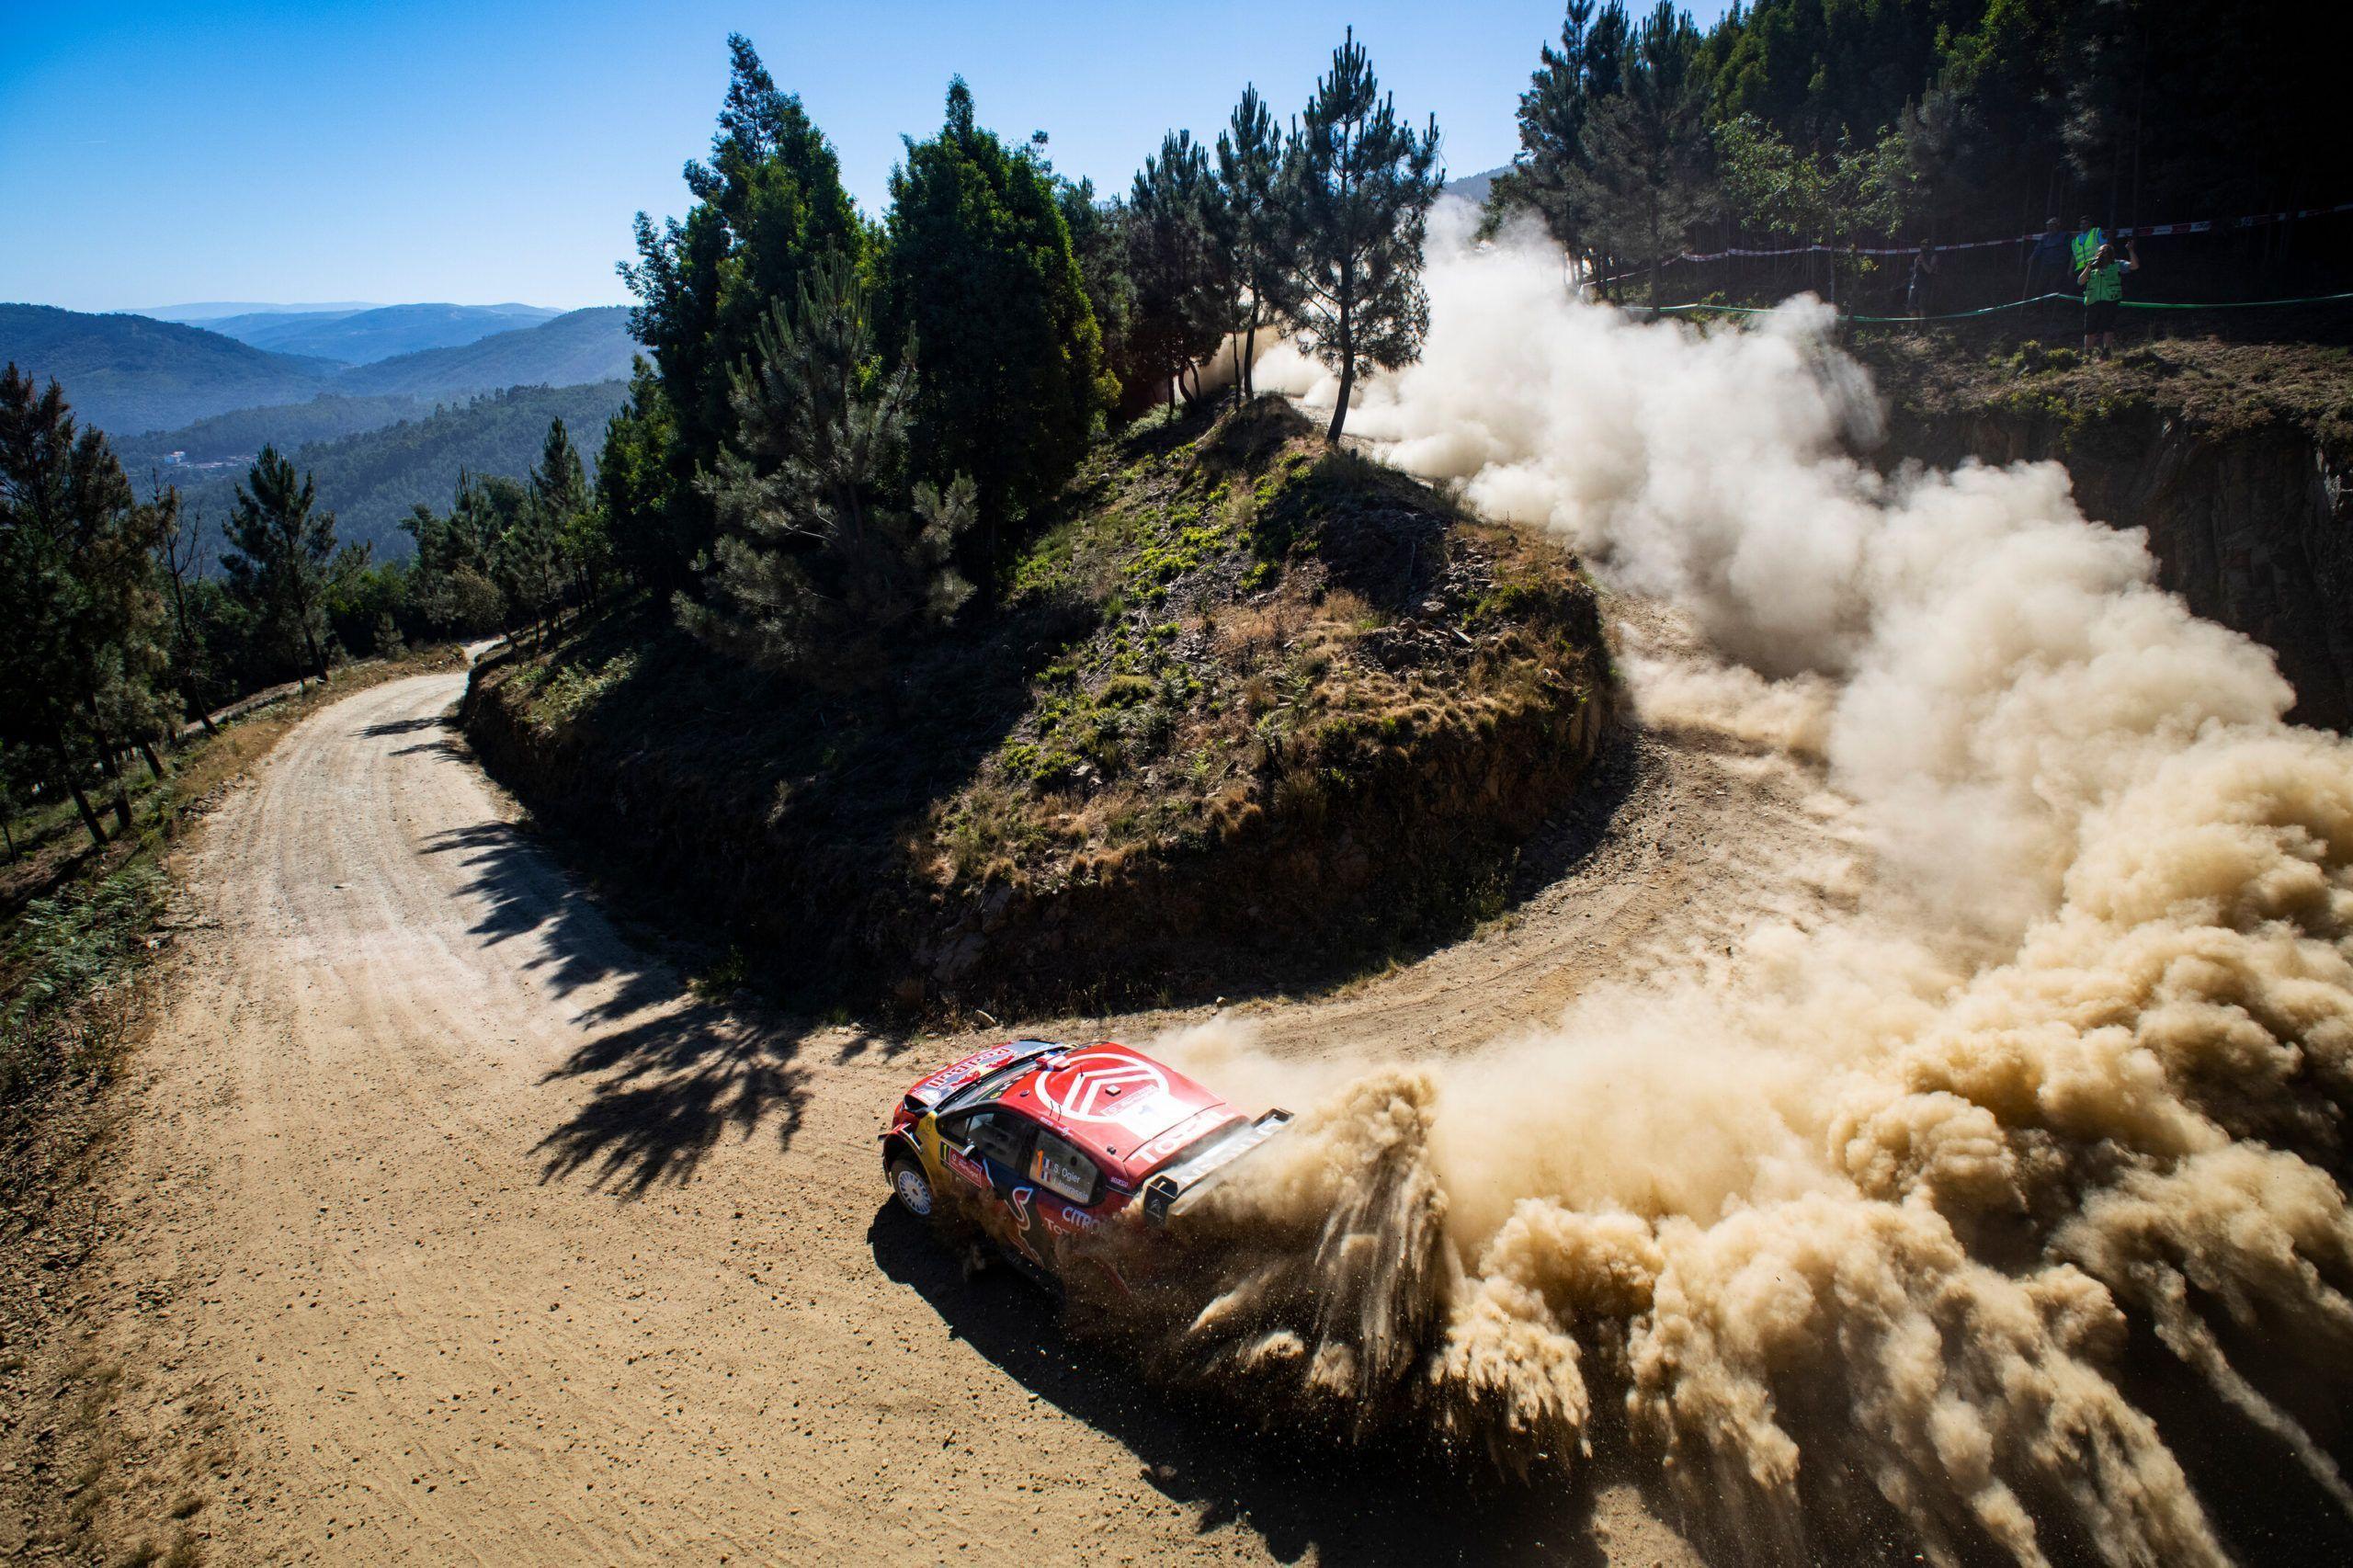 F1, WRC, WEC